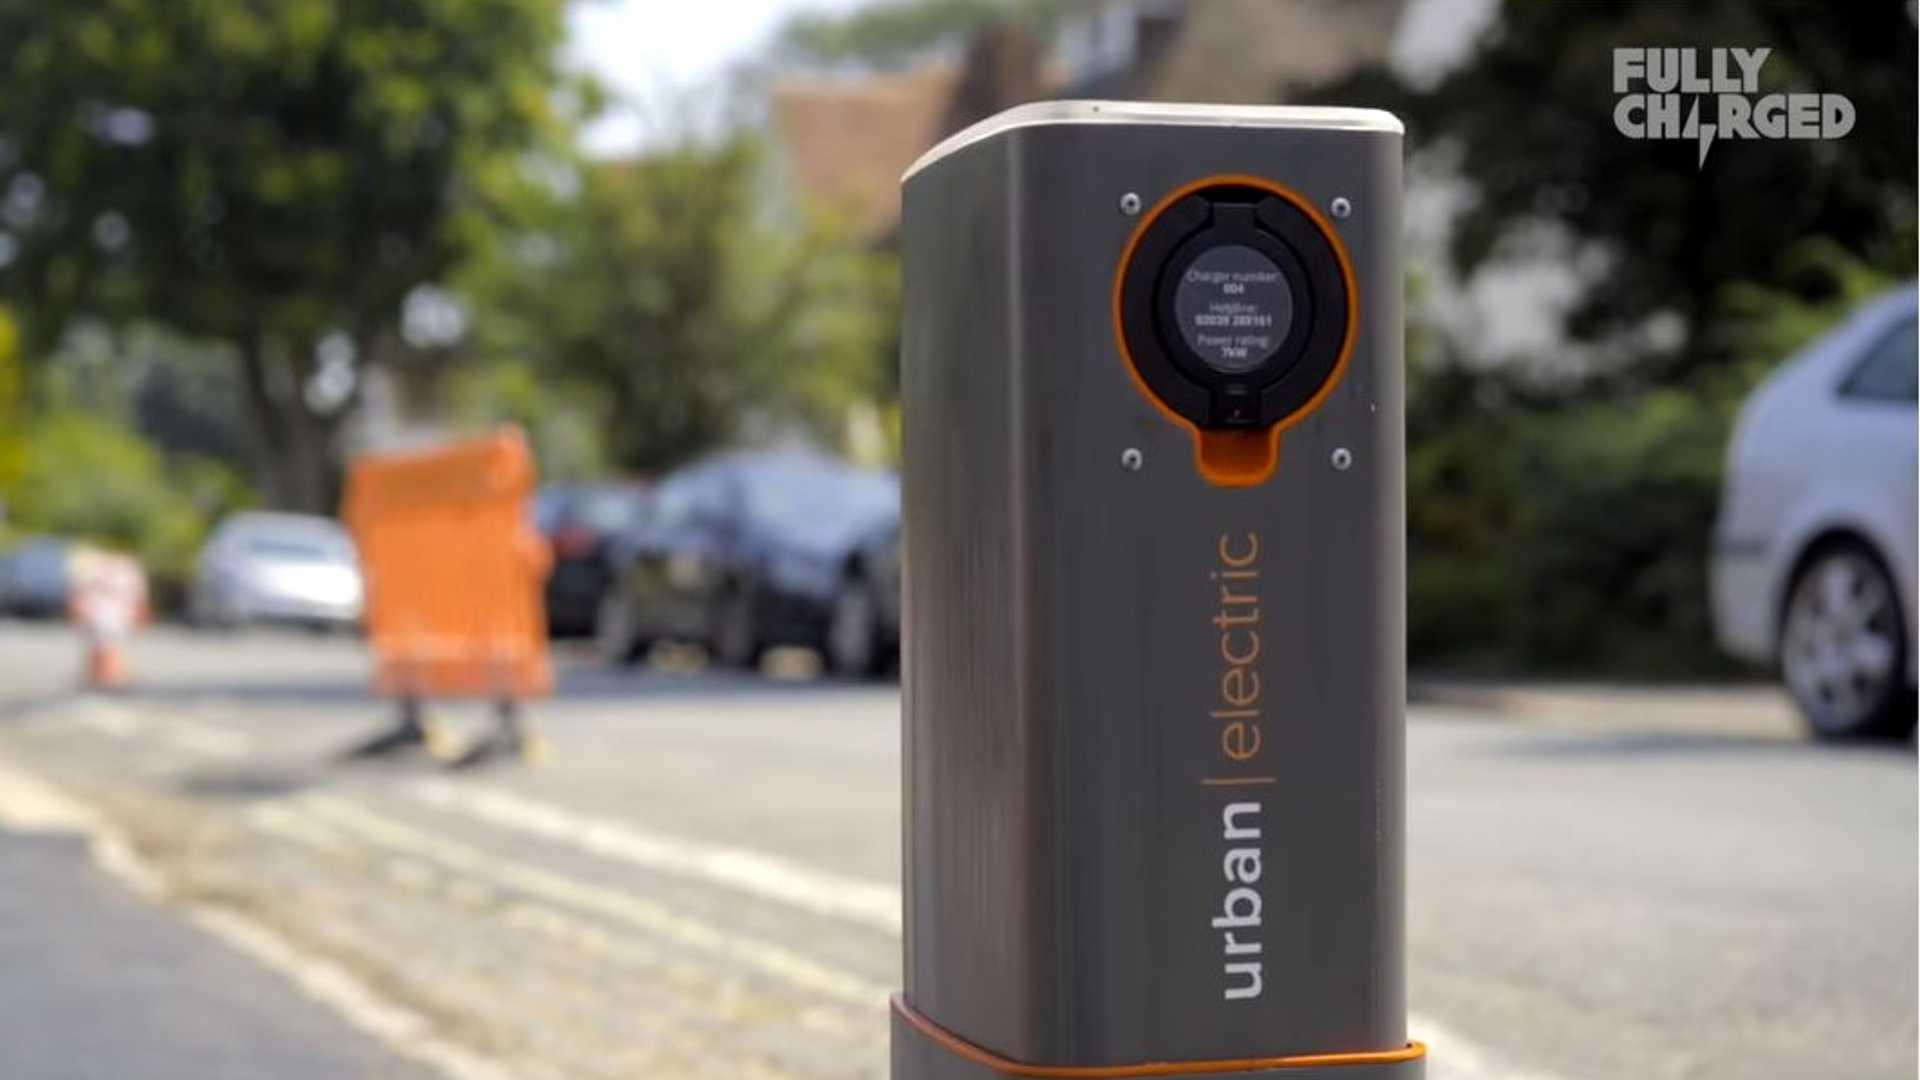 Эти всплывающие общественные пункты зарядки от городского электричества довольно аккуратны